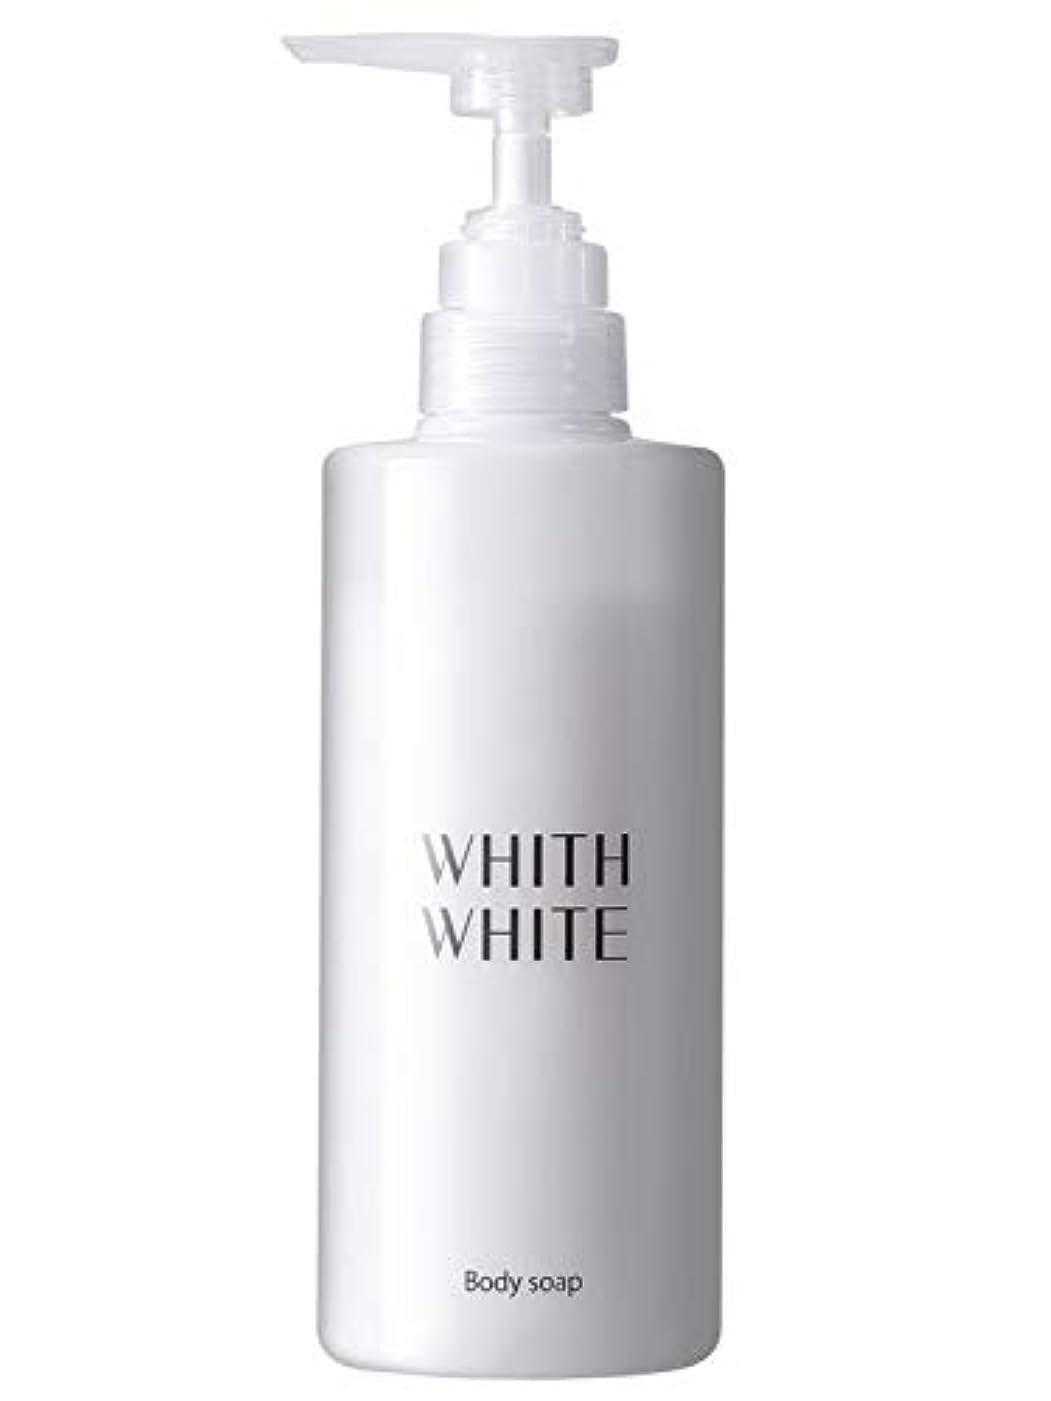 プラスチックくつろぐファウルフィス ホワイト ボディソープ 【 エレガントフローラルのいい香り 】 無添加 保湿 ボディーソープ 「 泡で黒ずみ さっぱり ボディシャンプー 」「 ヒアルロン酸 コラーゲン セラミド 配合」450ml